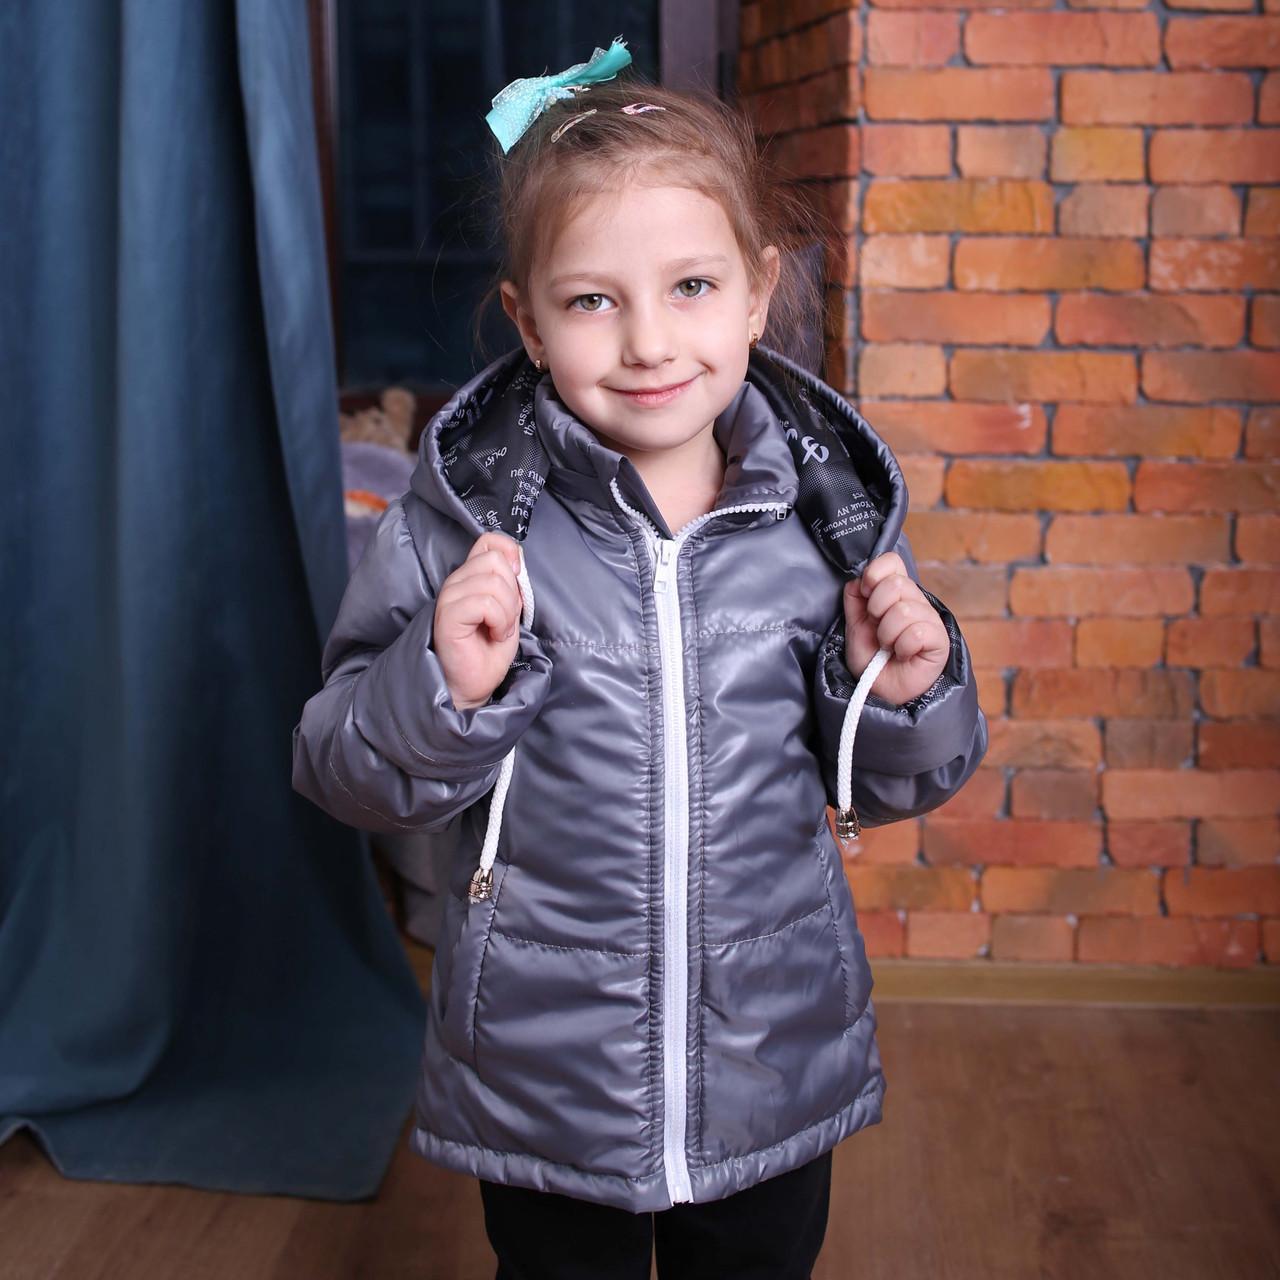 Куртка для девочки пошита из плащевки, детская куртка на синтепоне